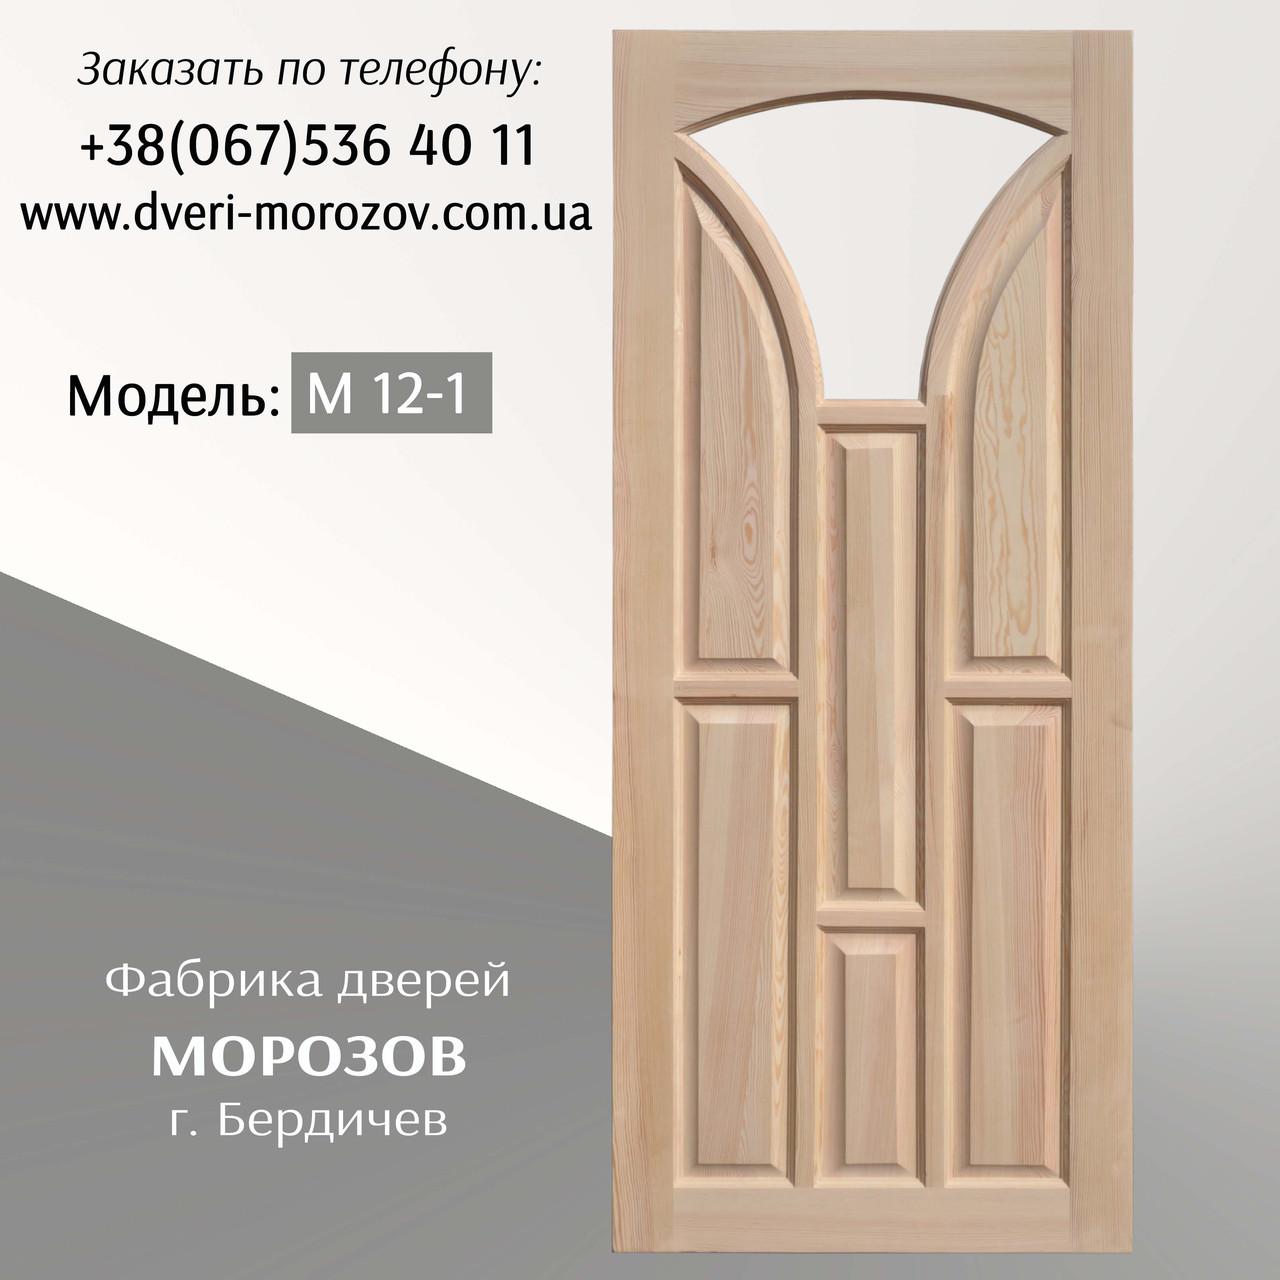 Комнатные двери из массива сосны с окошком для стекла в форме арки, модель М12/1 - Продажа деревянных дверей собственного производства г.Бердичев - доставка по Украине в Бердичеве